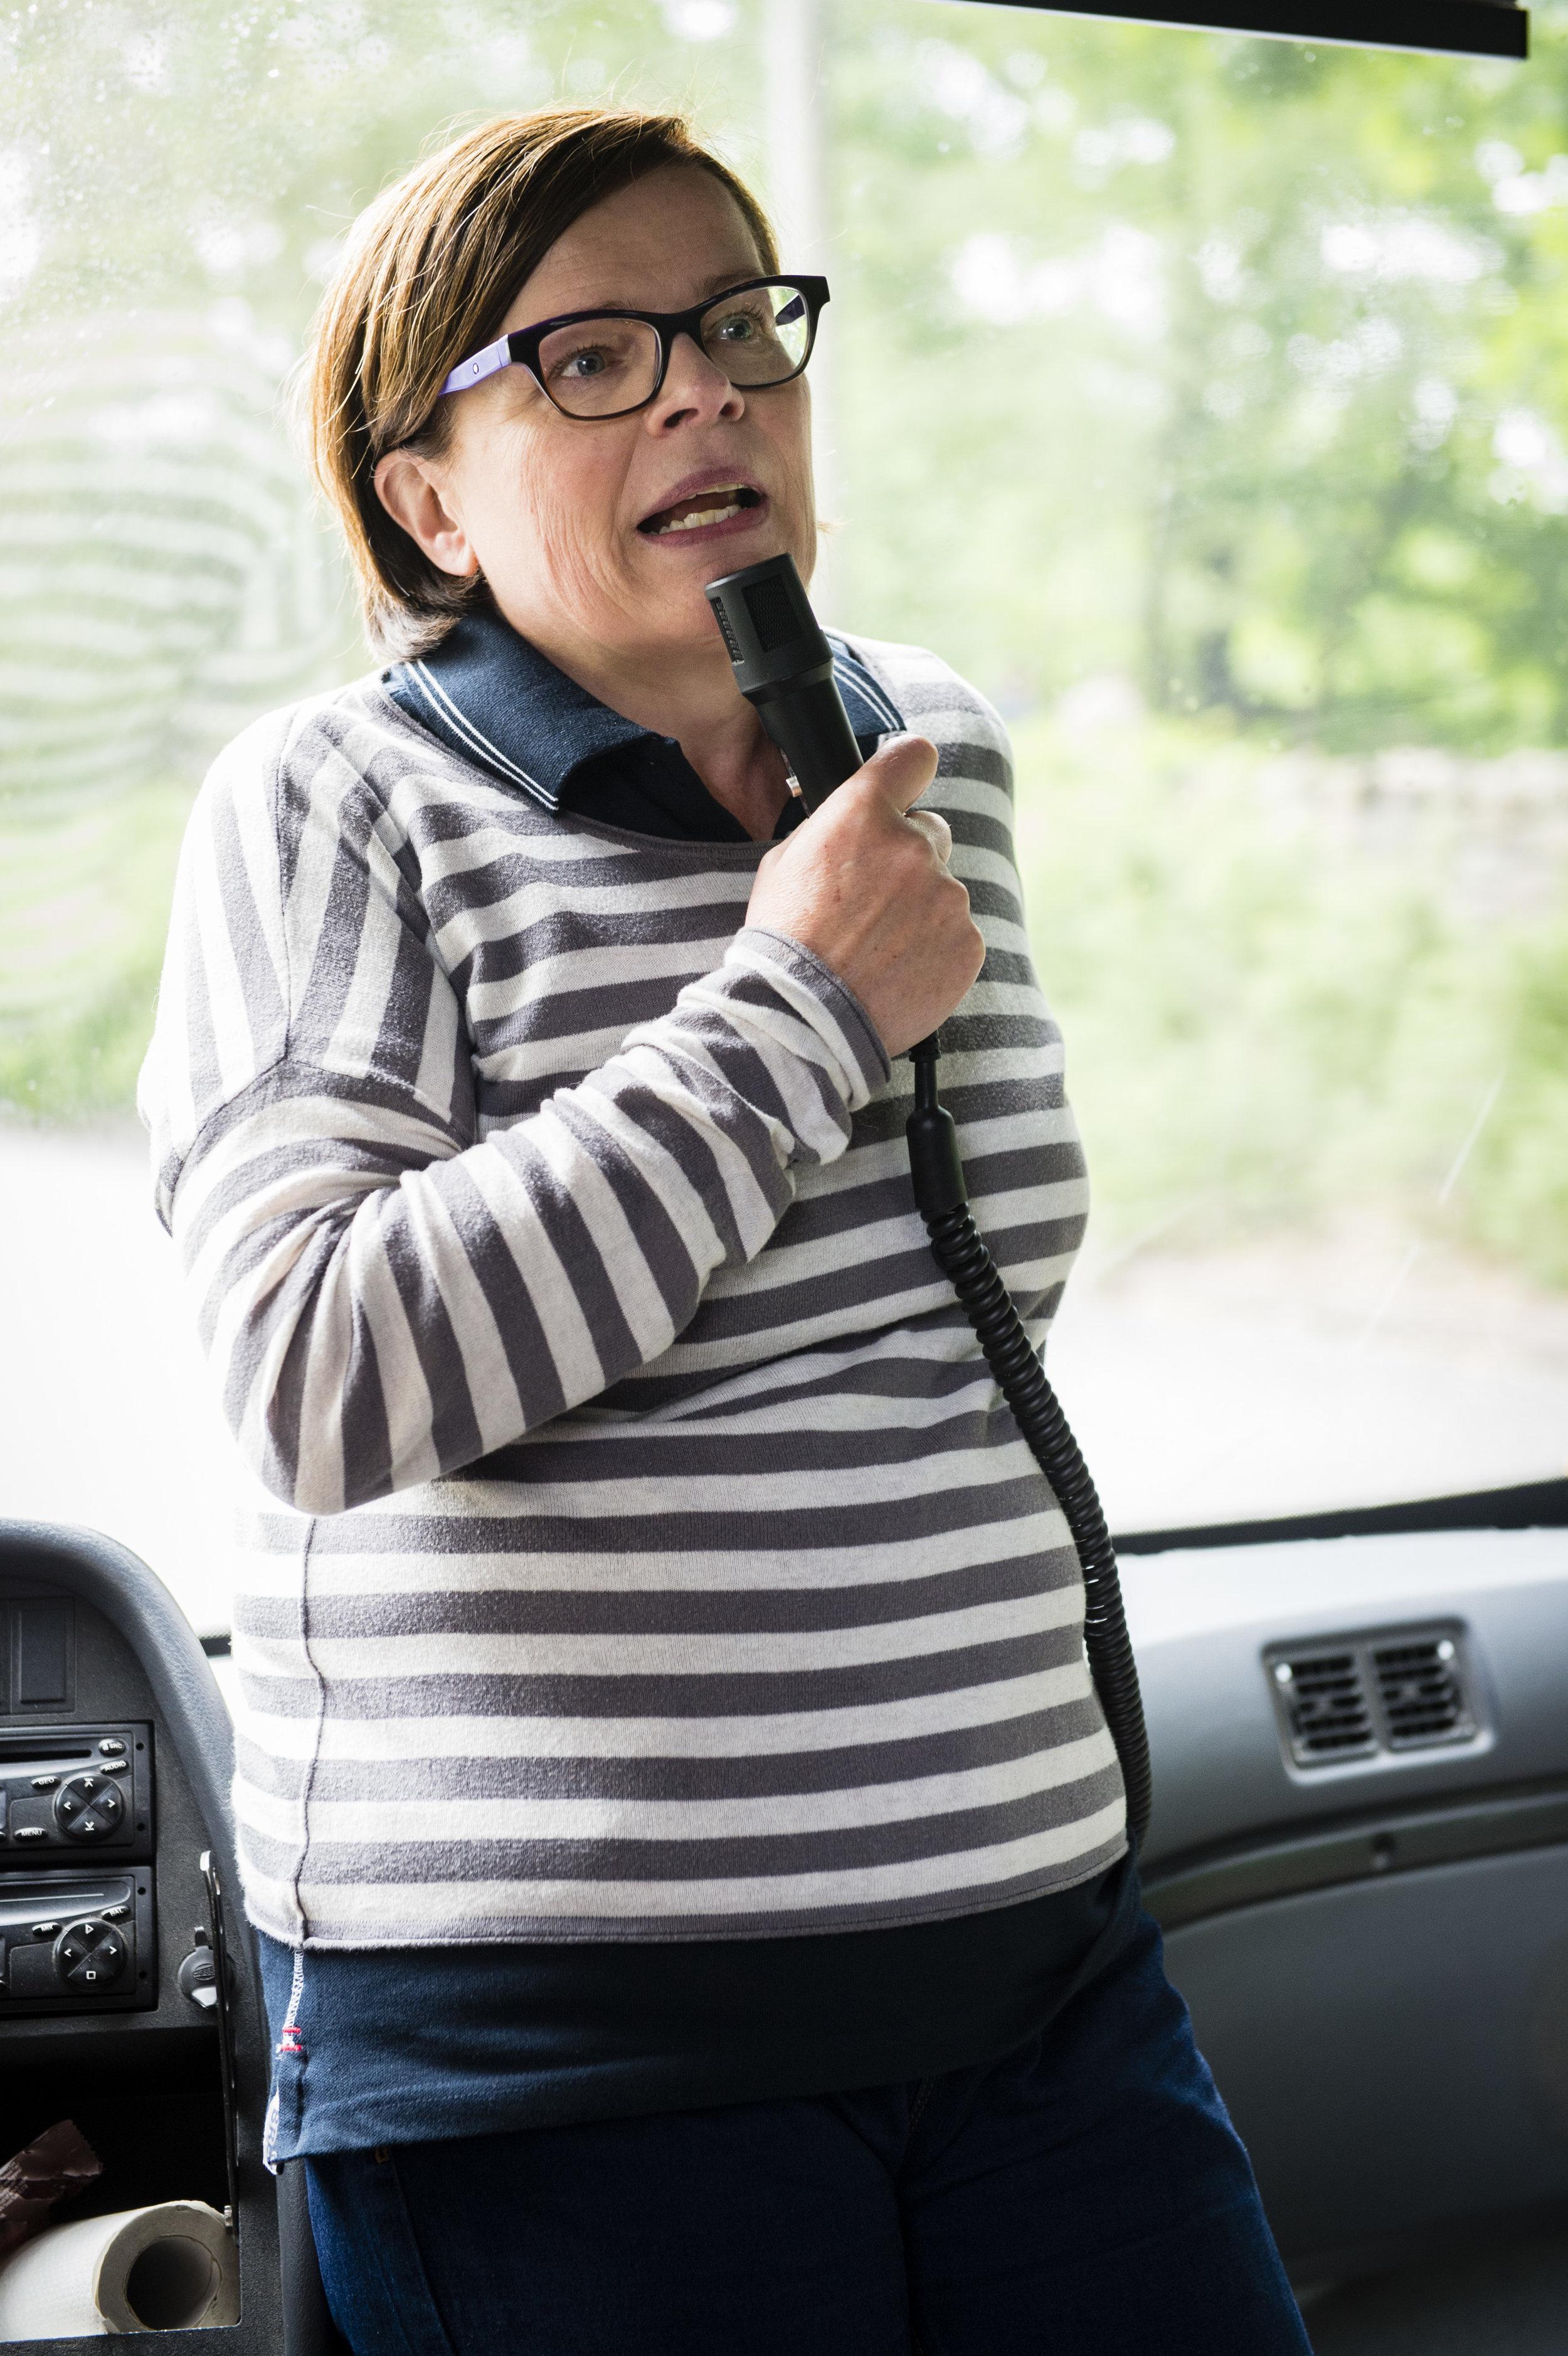 Leena Erälinna toivotti vieraat tervetulleeksi LähiSos-hankkeen puolesta, joka mahdollisti tapahtuman järjestämisen pellolla.